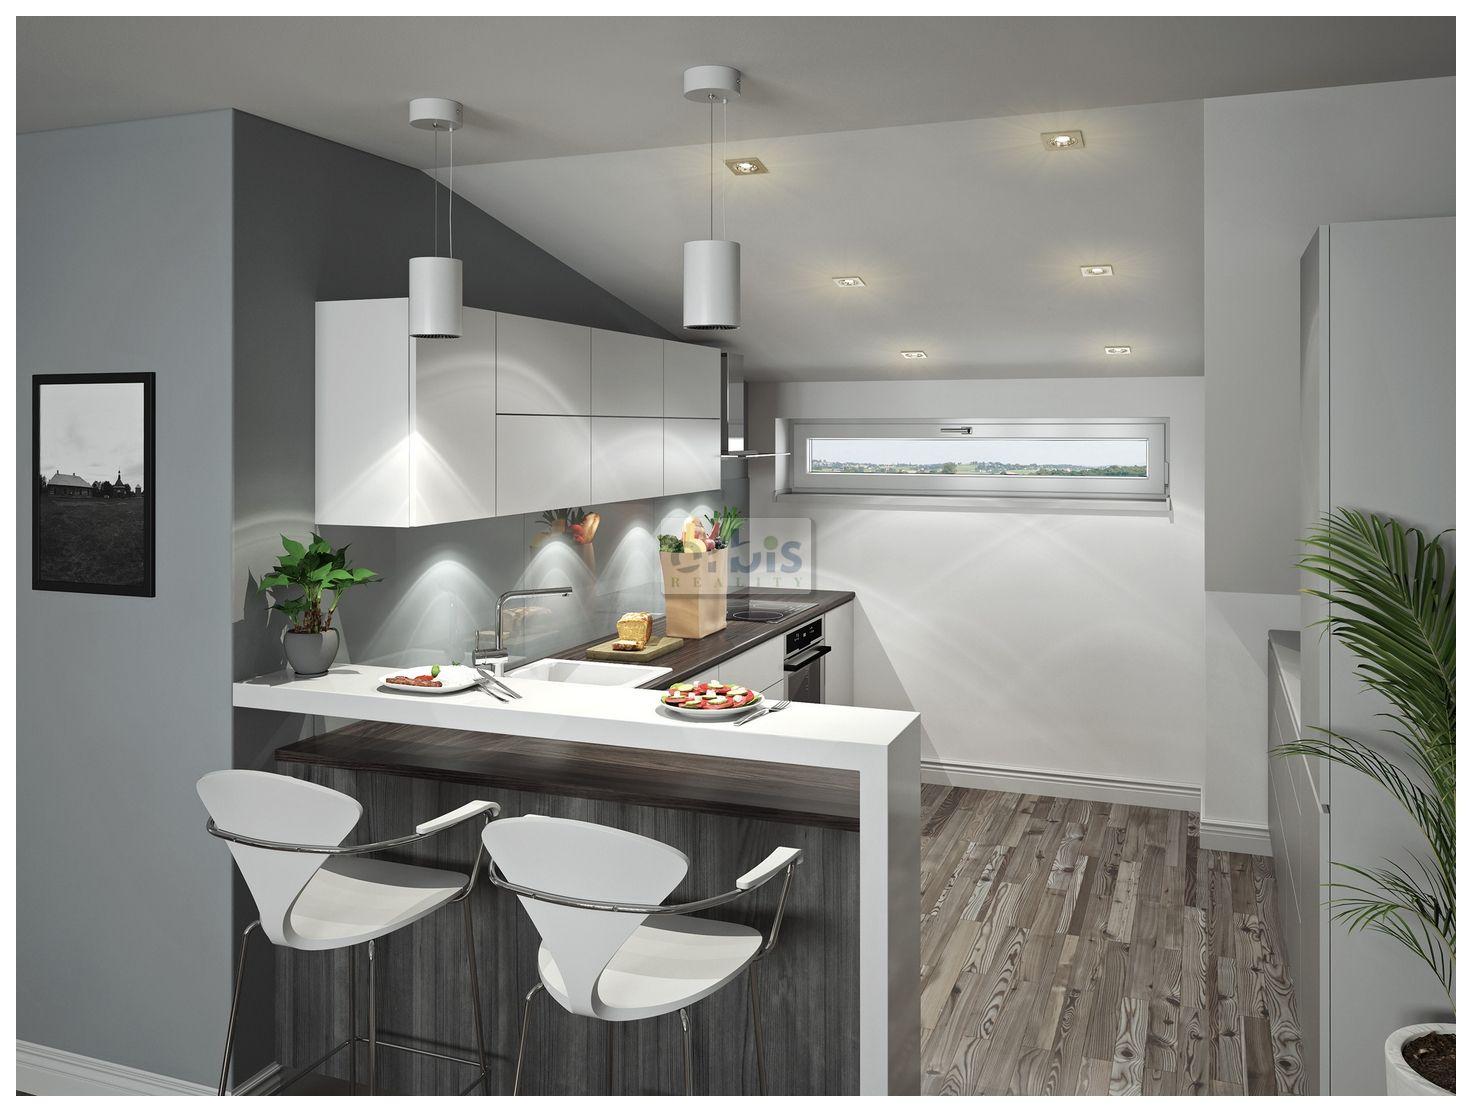 Novostavba bytů 3+kk, 67,55m2, Kladno-Dubí